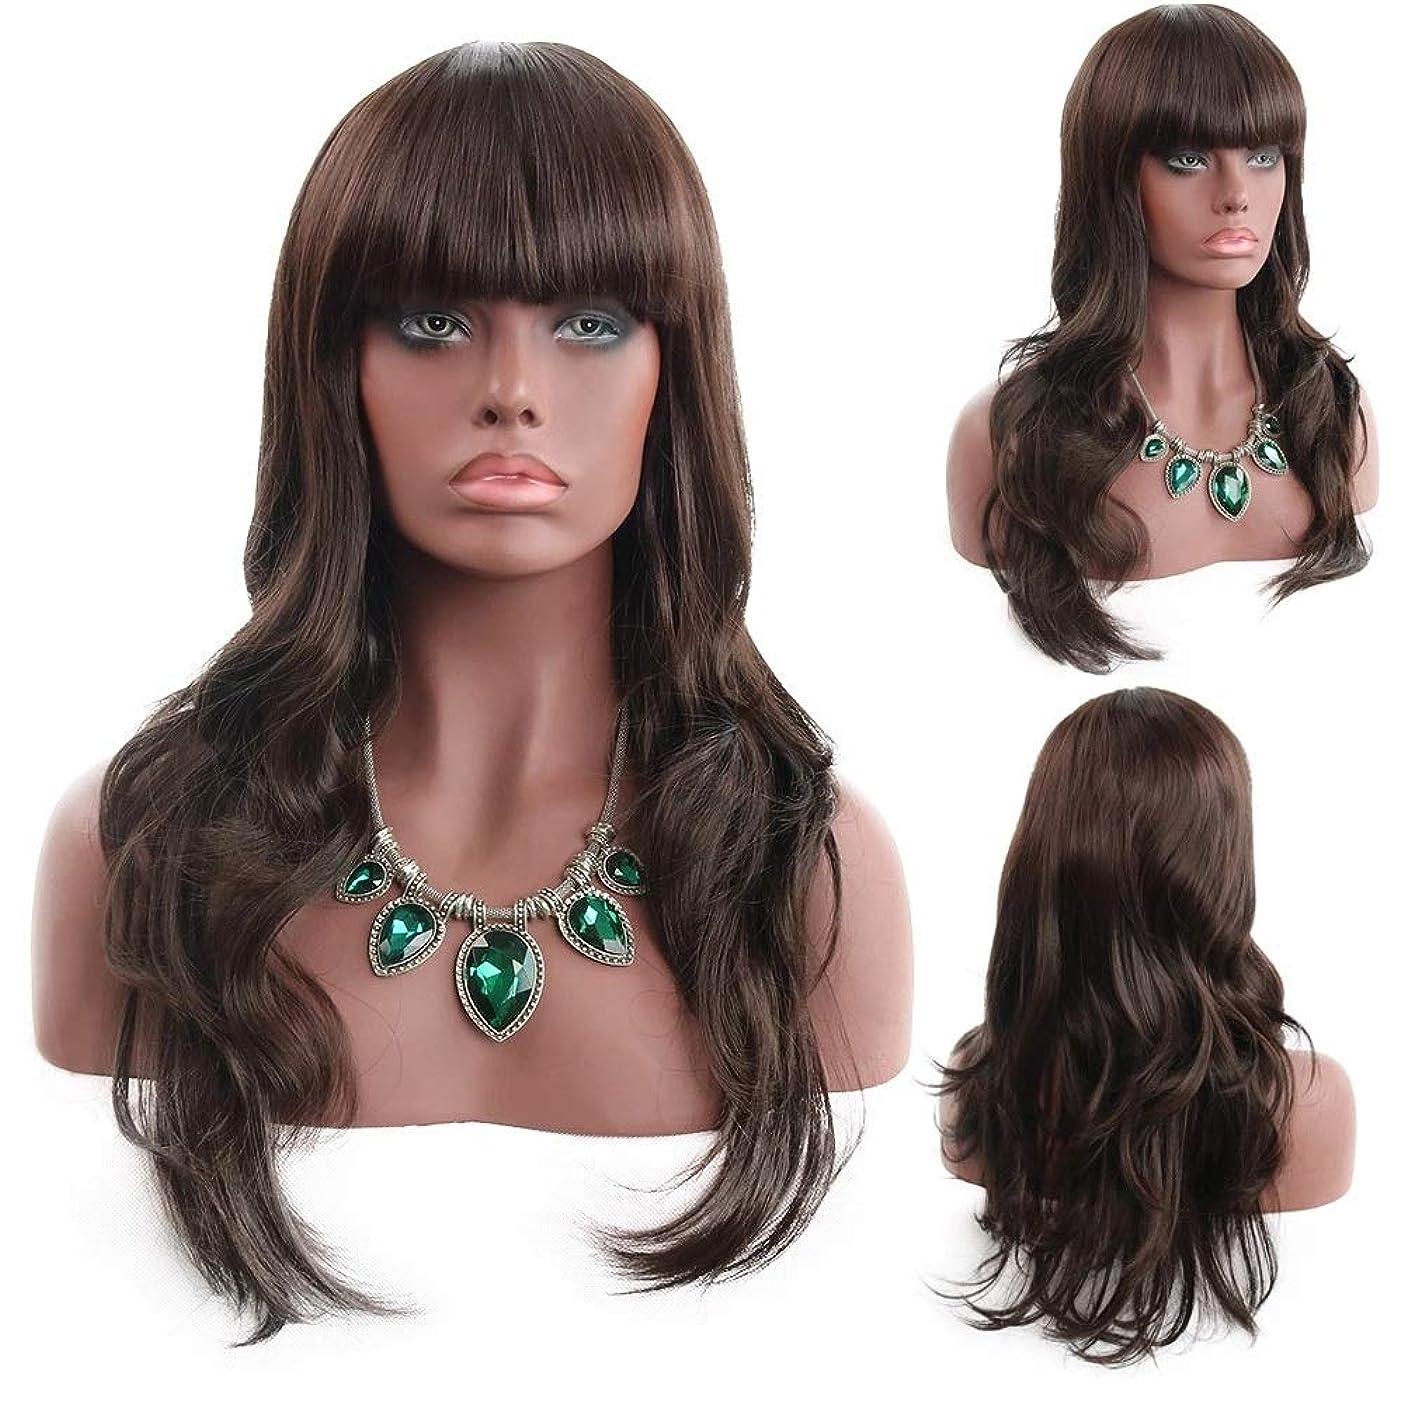 教義バウンドアルバニー前髪付きの女性の茶色の長い巻き毛の波状の髪の毛のかつら24インチの女性と少女のための魅力的な合成の完全な髪のかつらハロウィンコスプレ衣装アニメパーティーウィッグ